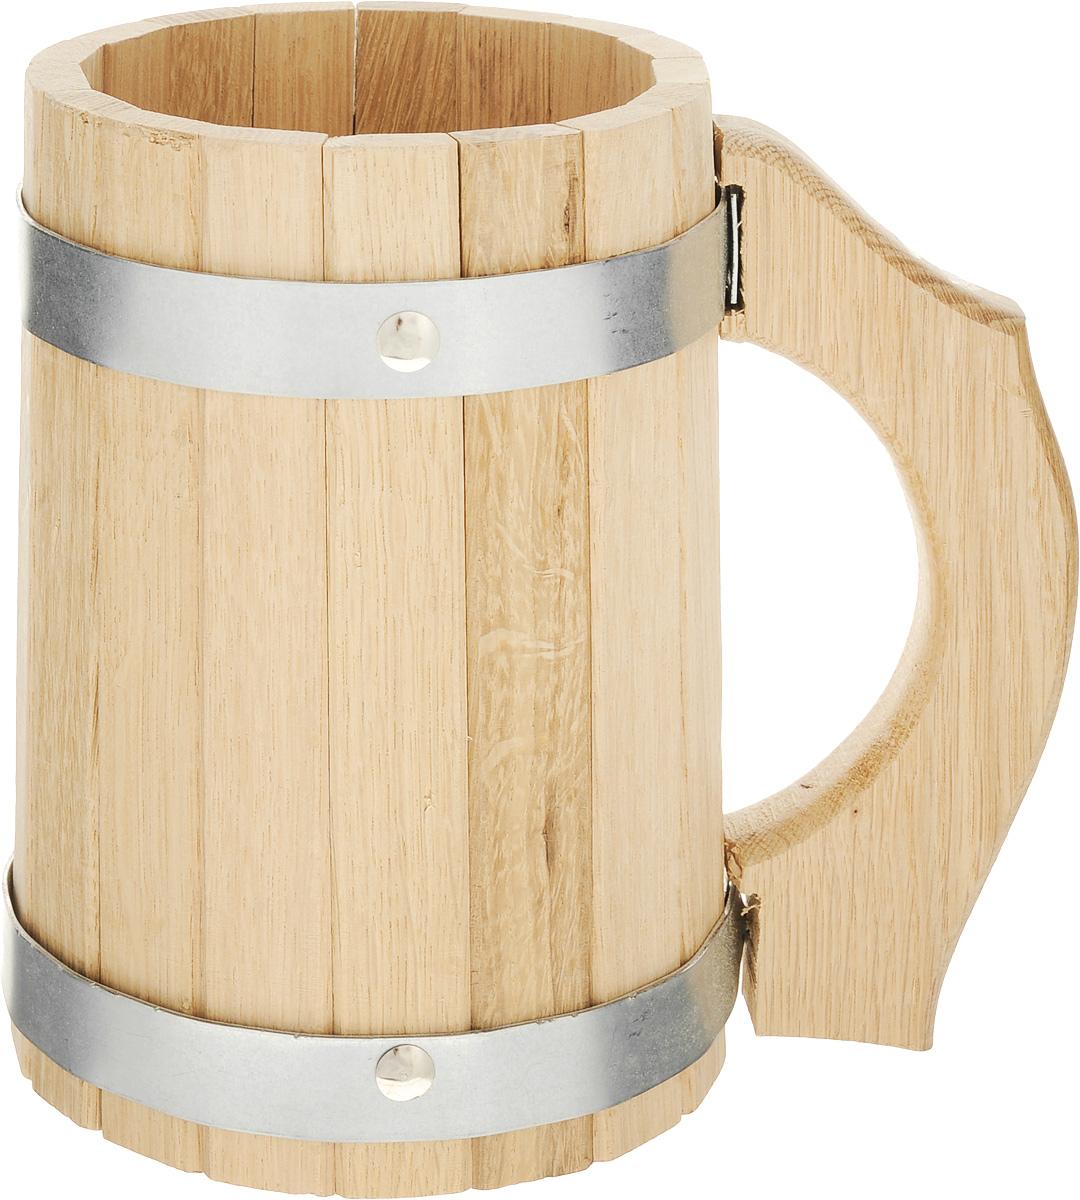 Кружка для бани и сауны Proffi Sauna, 2 л оздоровительная косметика proffi бальзам масло для суставов proffi sauna 100 мл